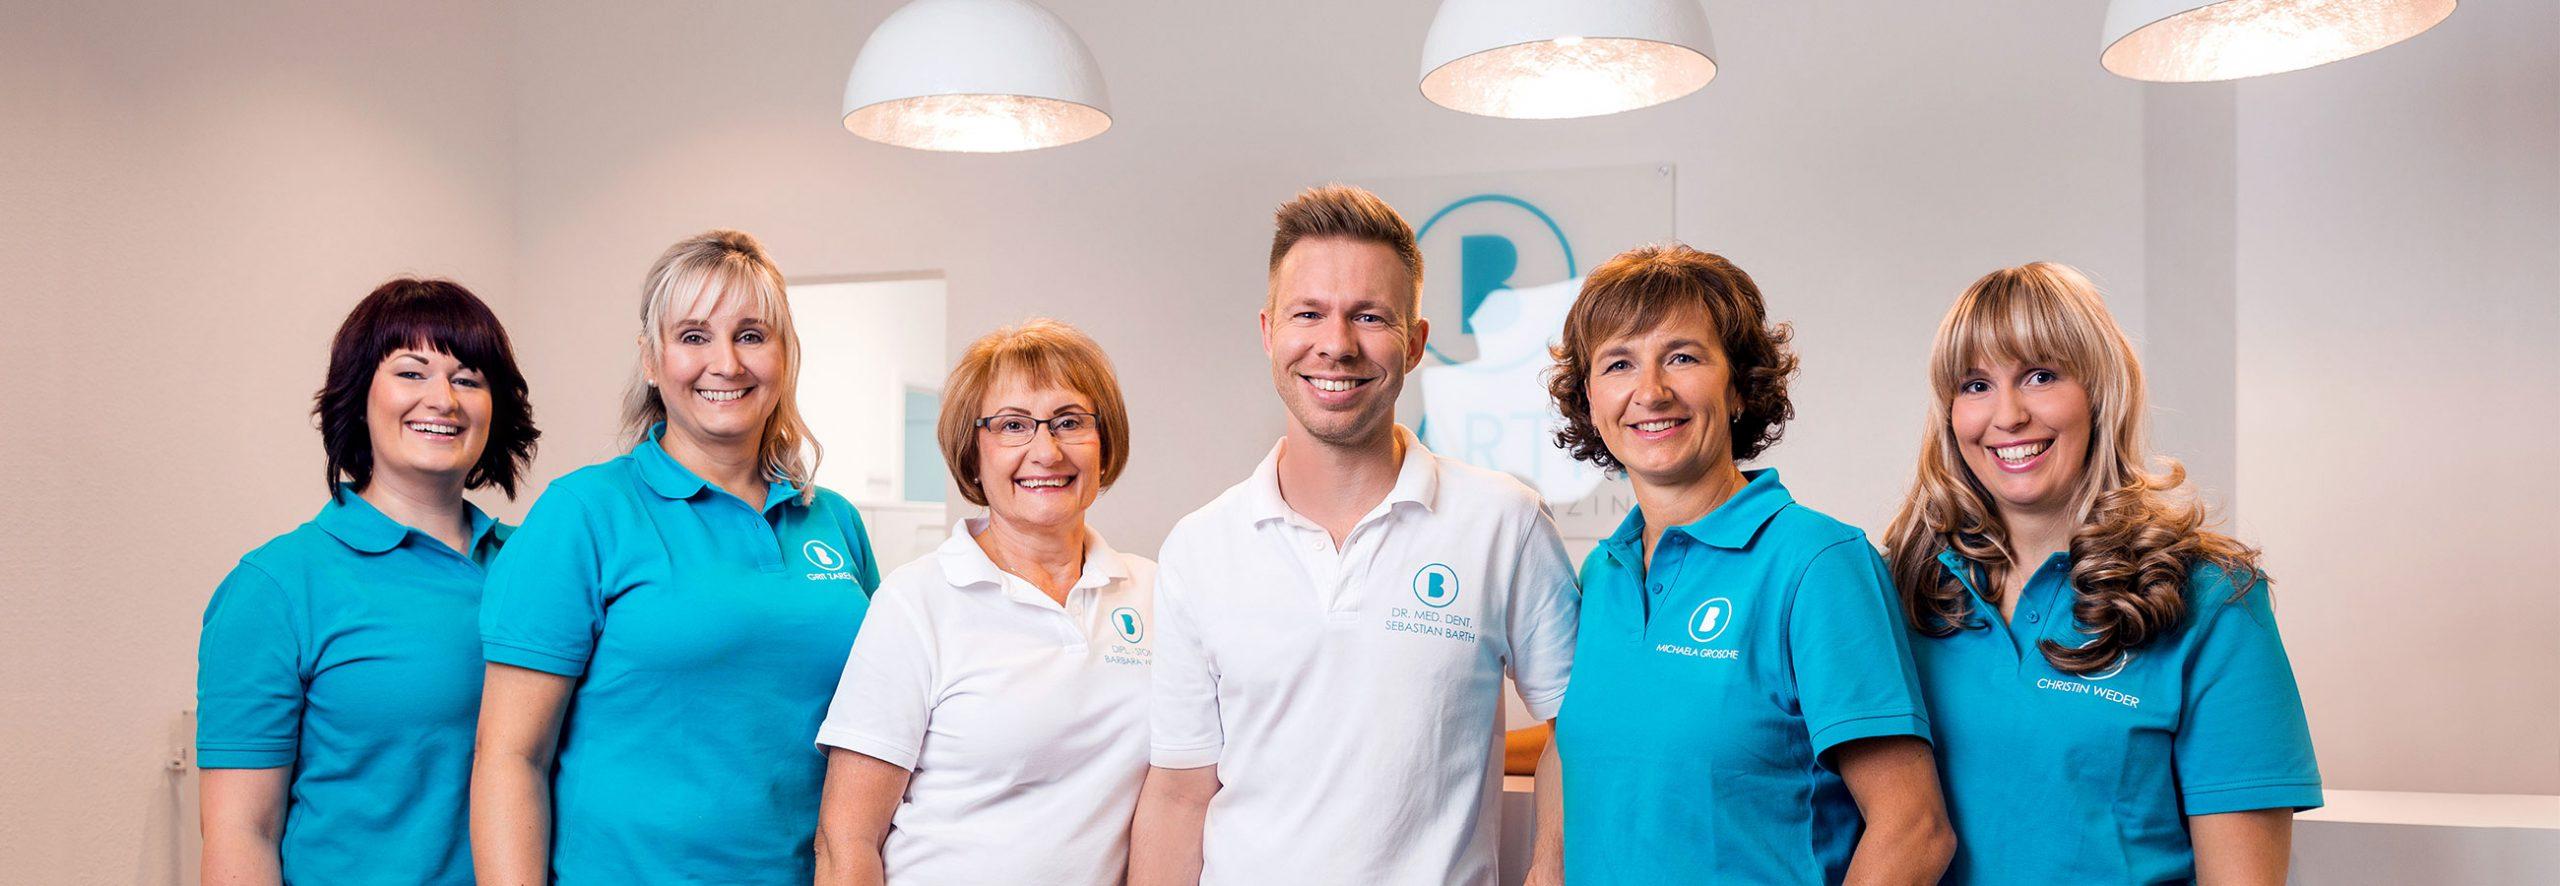 Das Team von Ihrem Zahnarzt aus Bautzen.